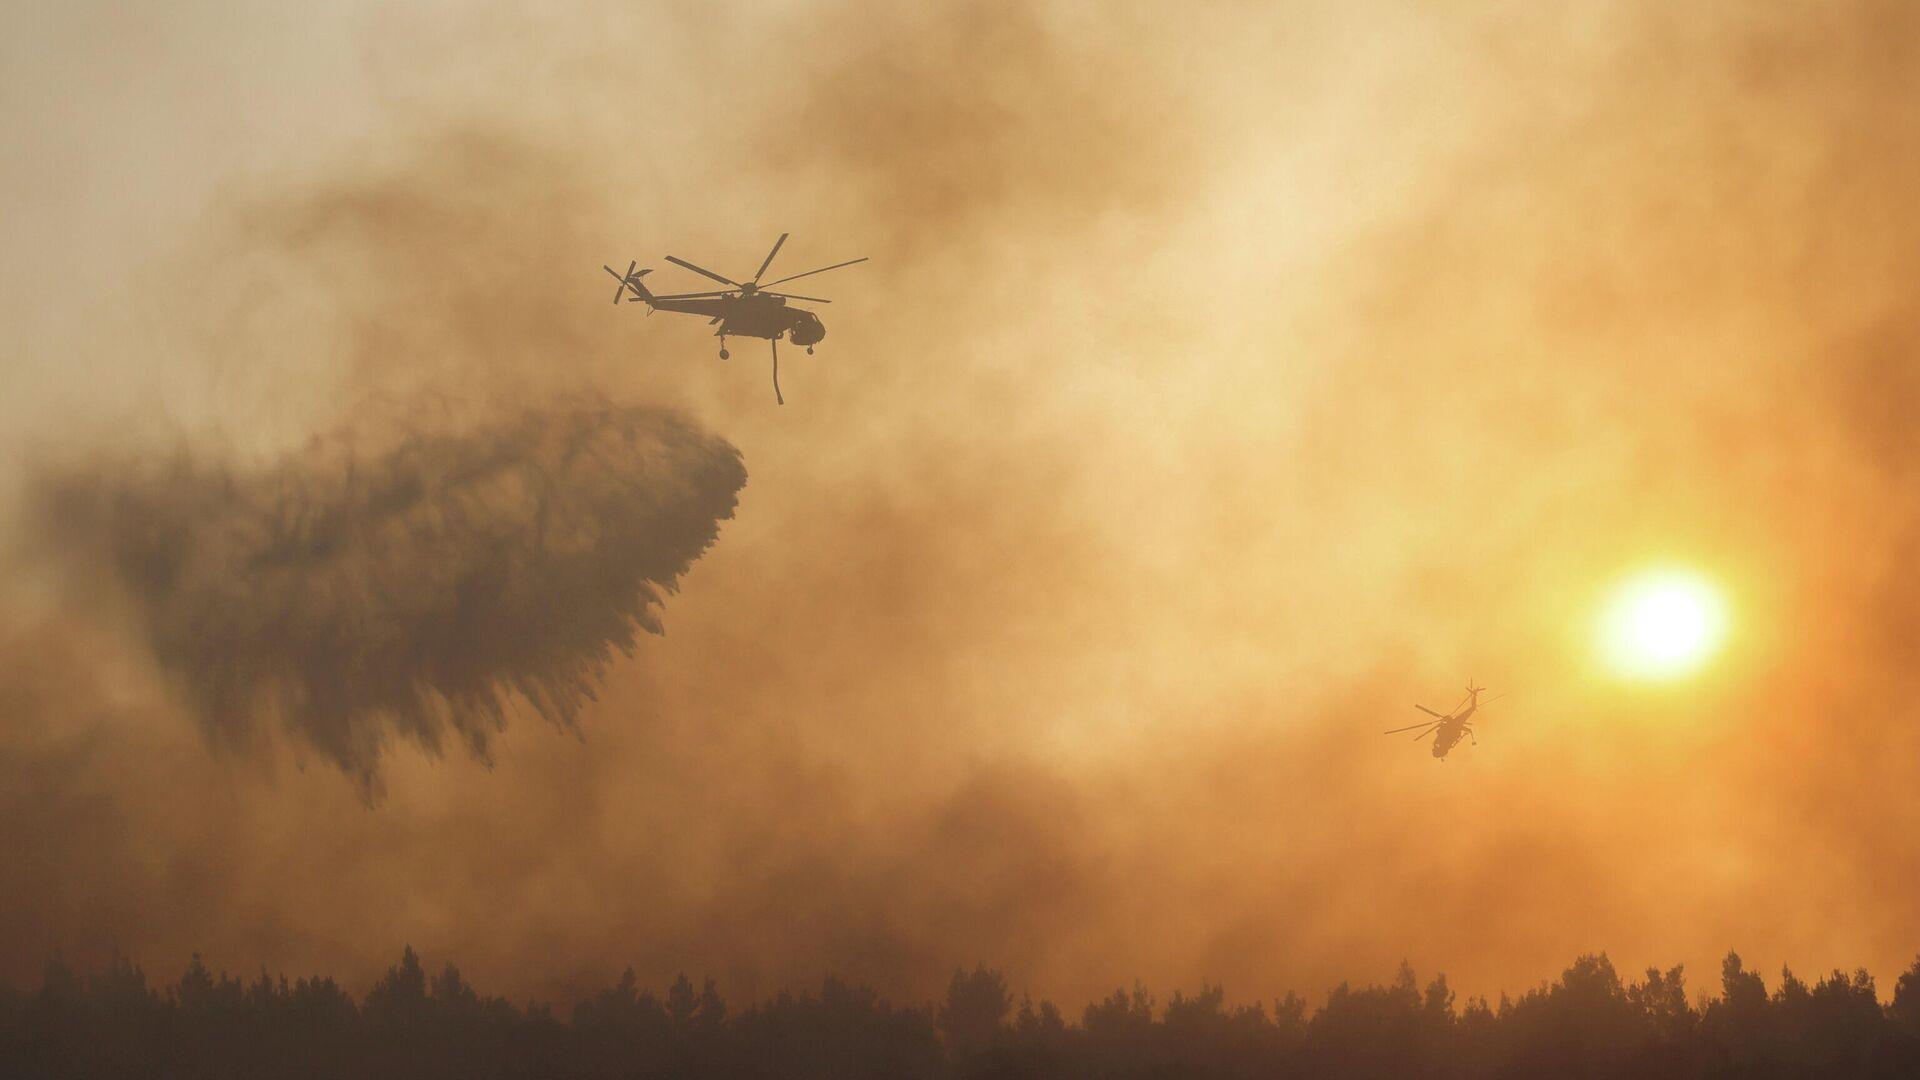 Пожарный вертолет во время тушения лесного пожара в пригороде Афин Варибоби - РИА Новости, 1920, 05.08.2021